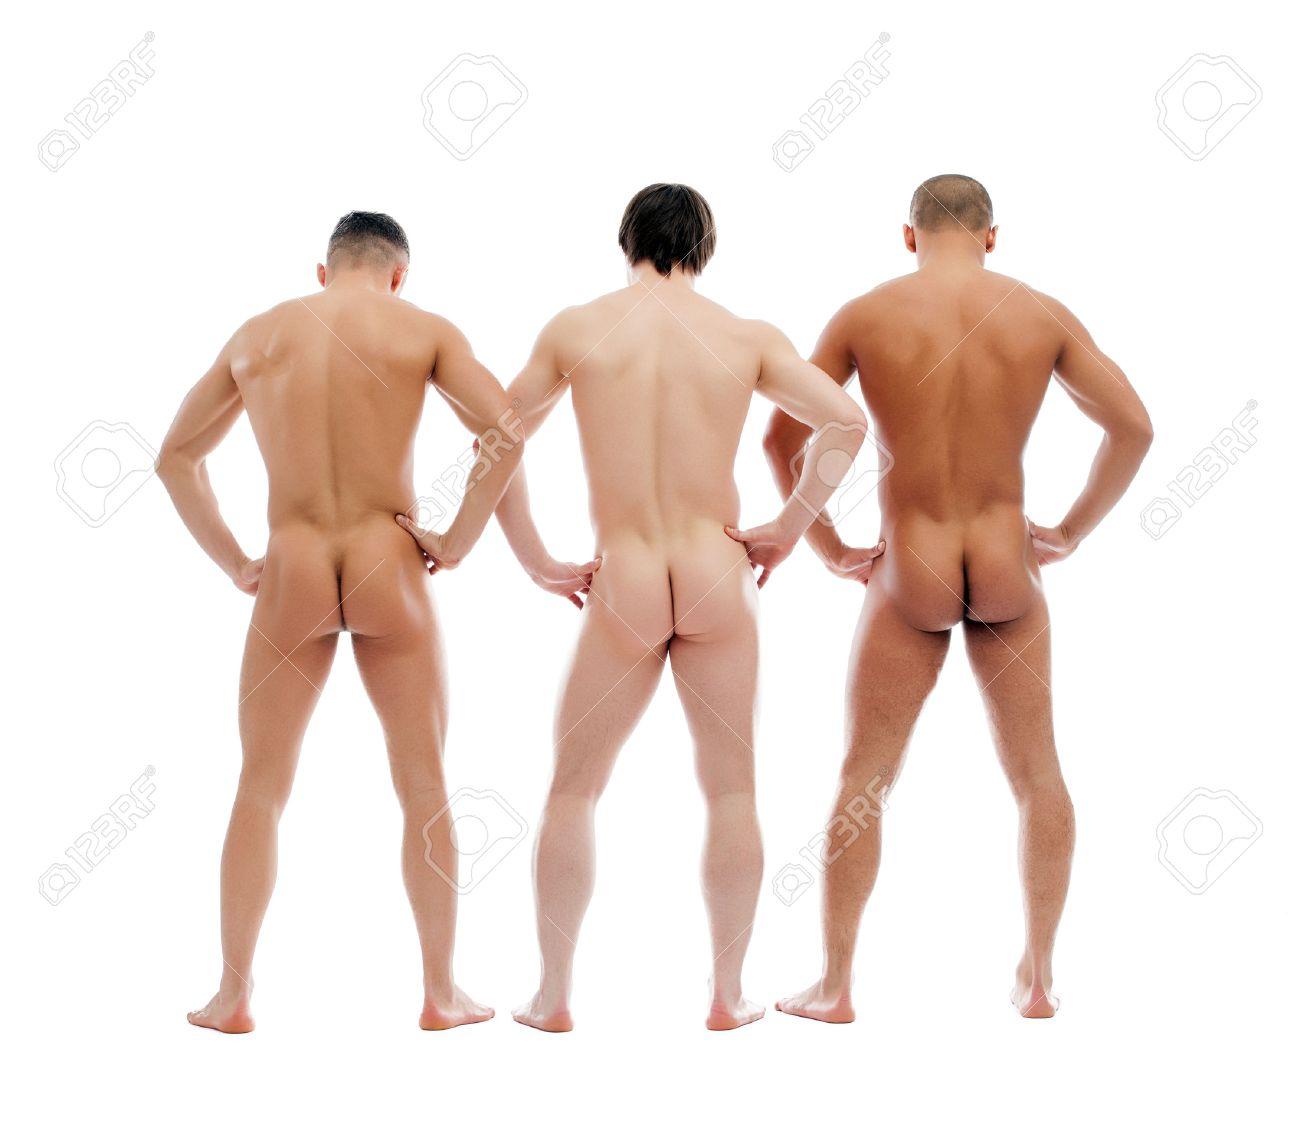 Фото голых мужских спин 1 фотография